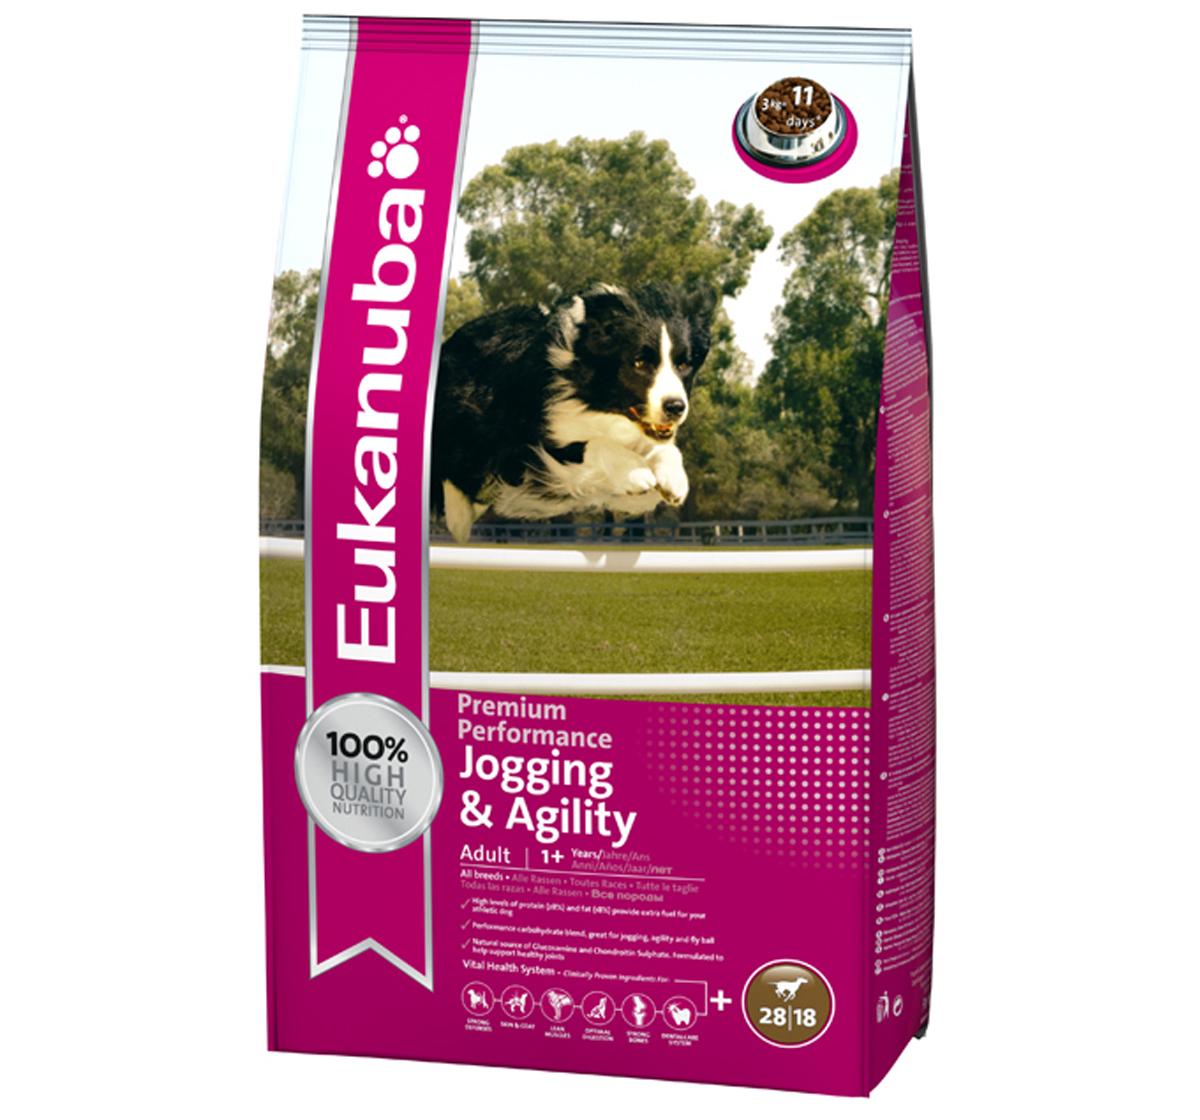 Eukanuba Dog Food Adult Premium Performance 20 Kg